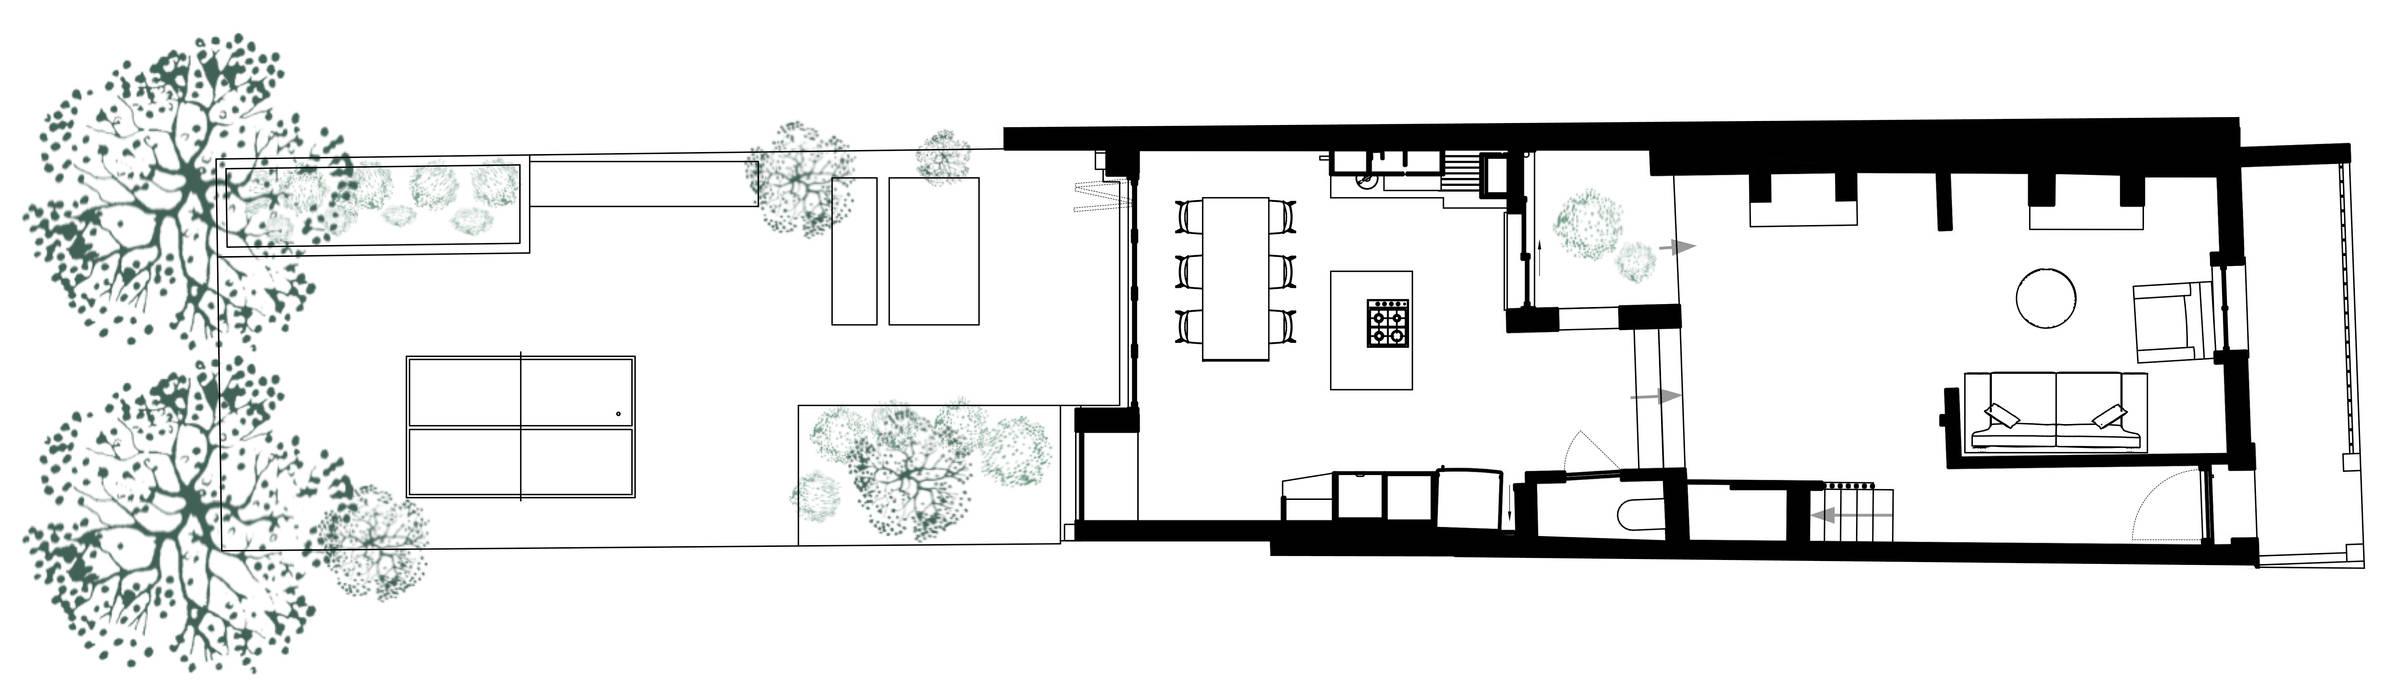 Ground Floor Plan von homify